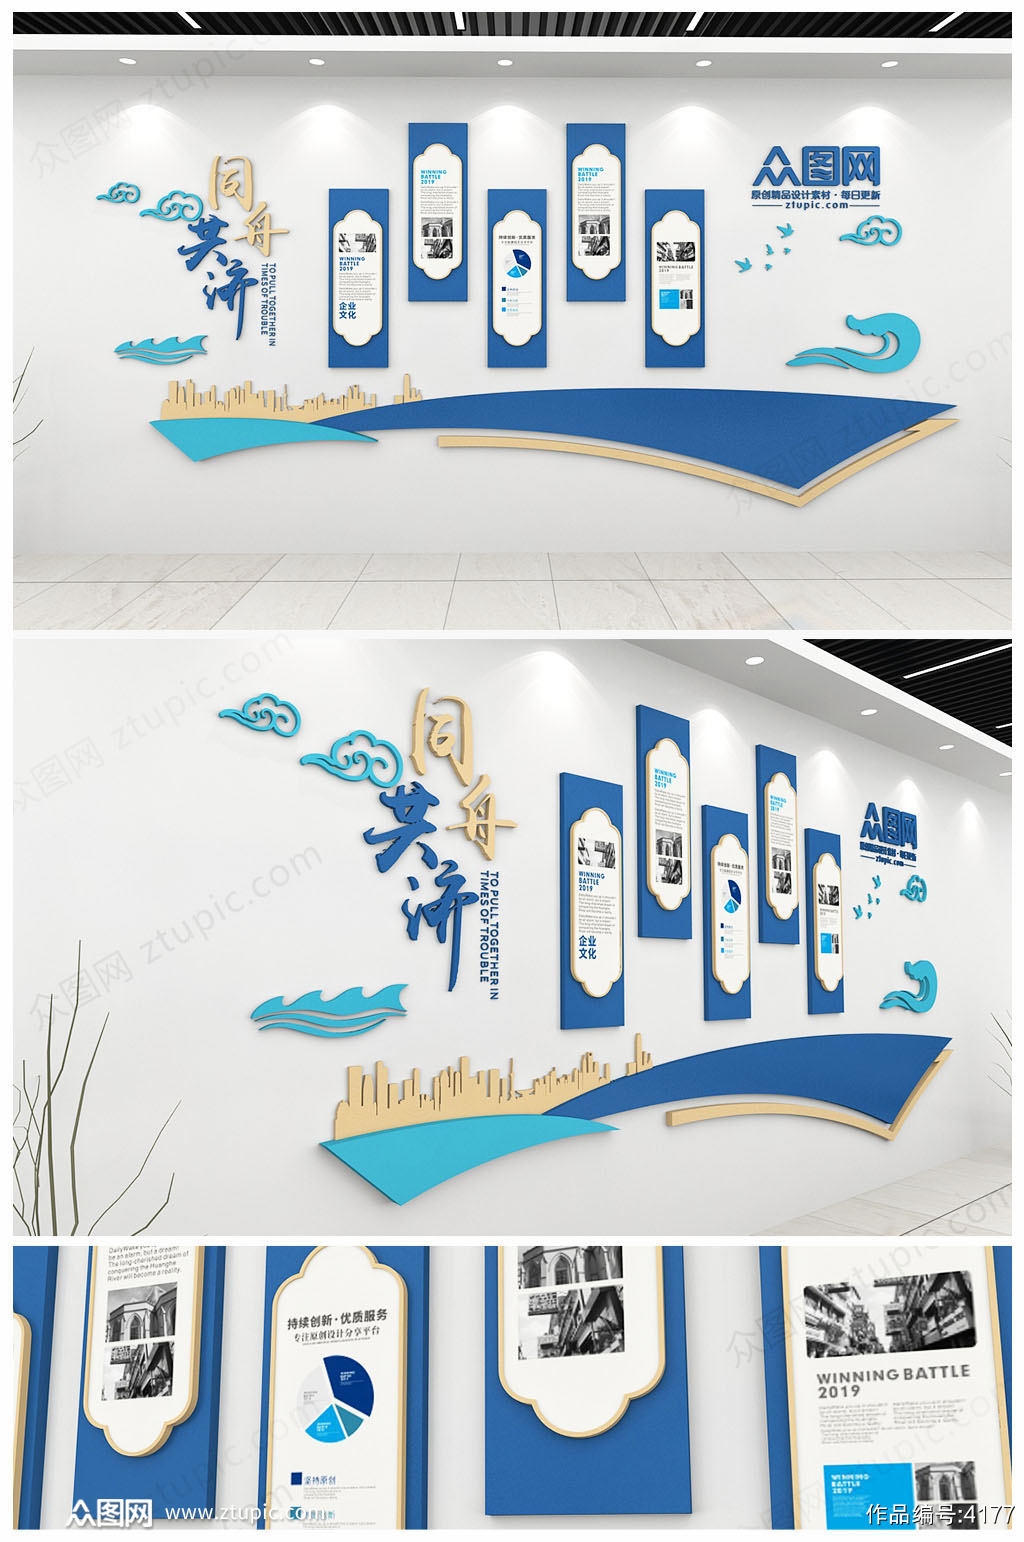 简洁现代科技企业文化墙集团公司形象墙素材